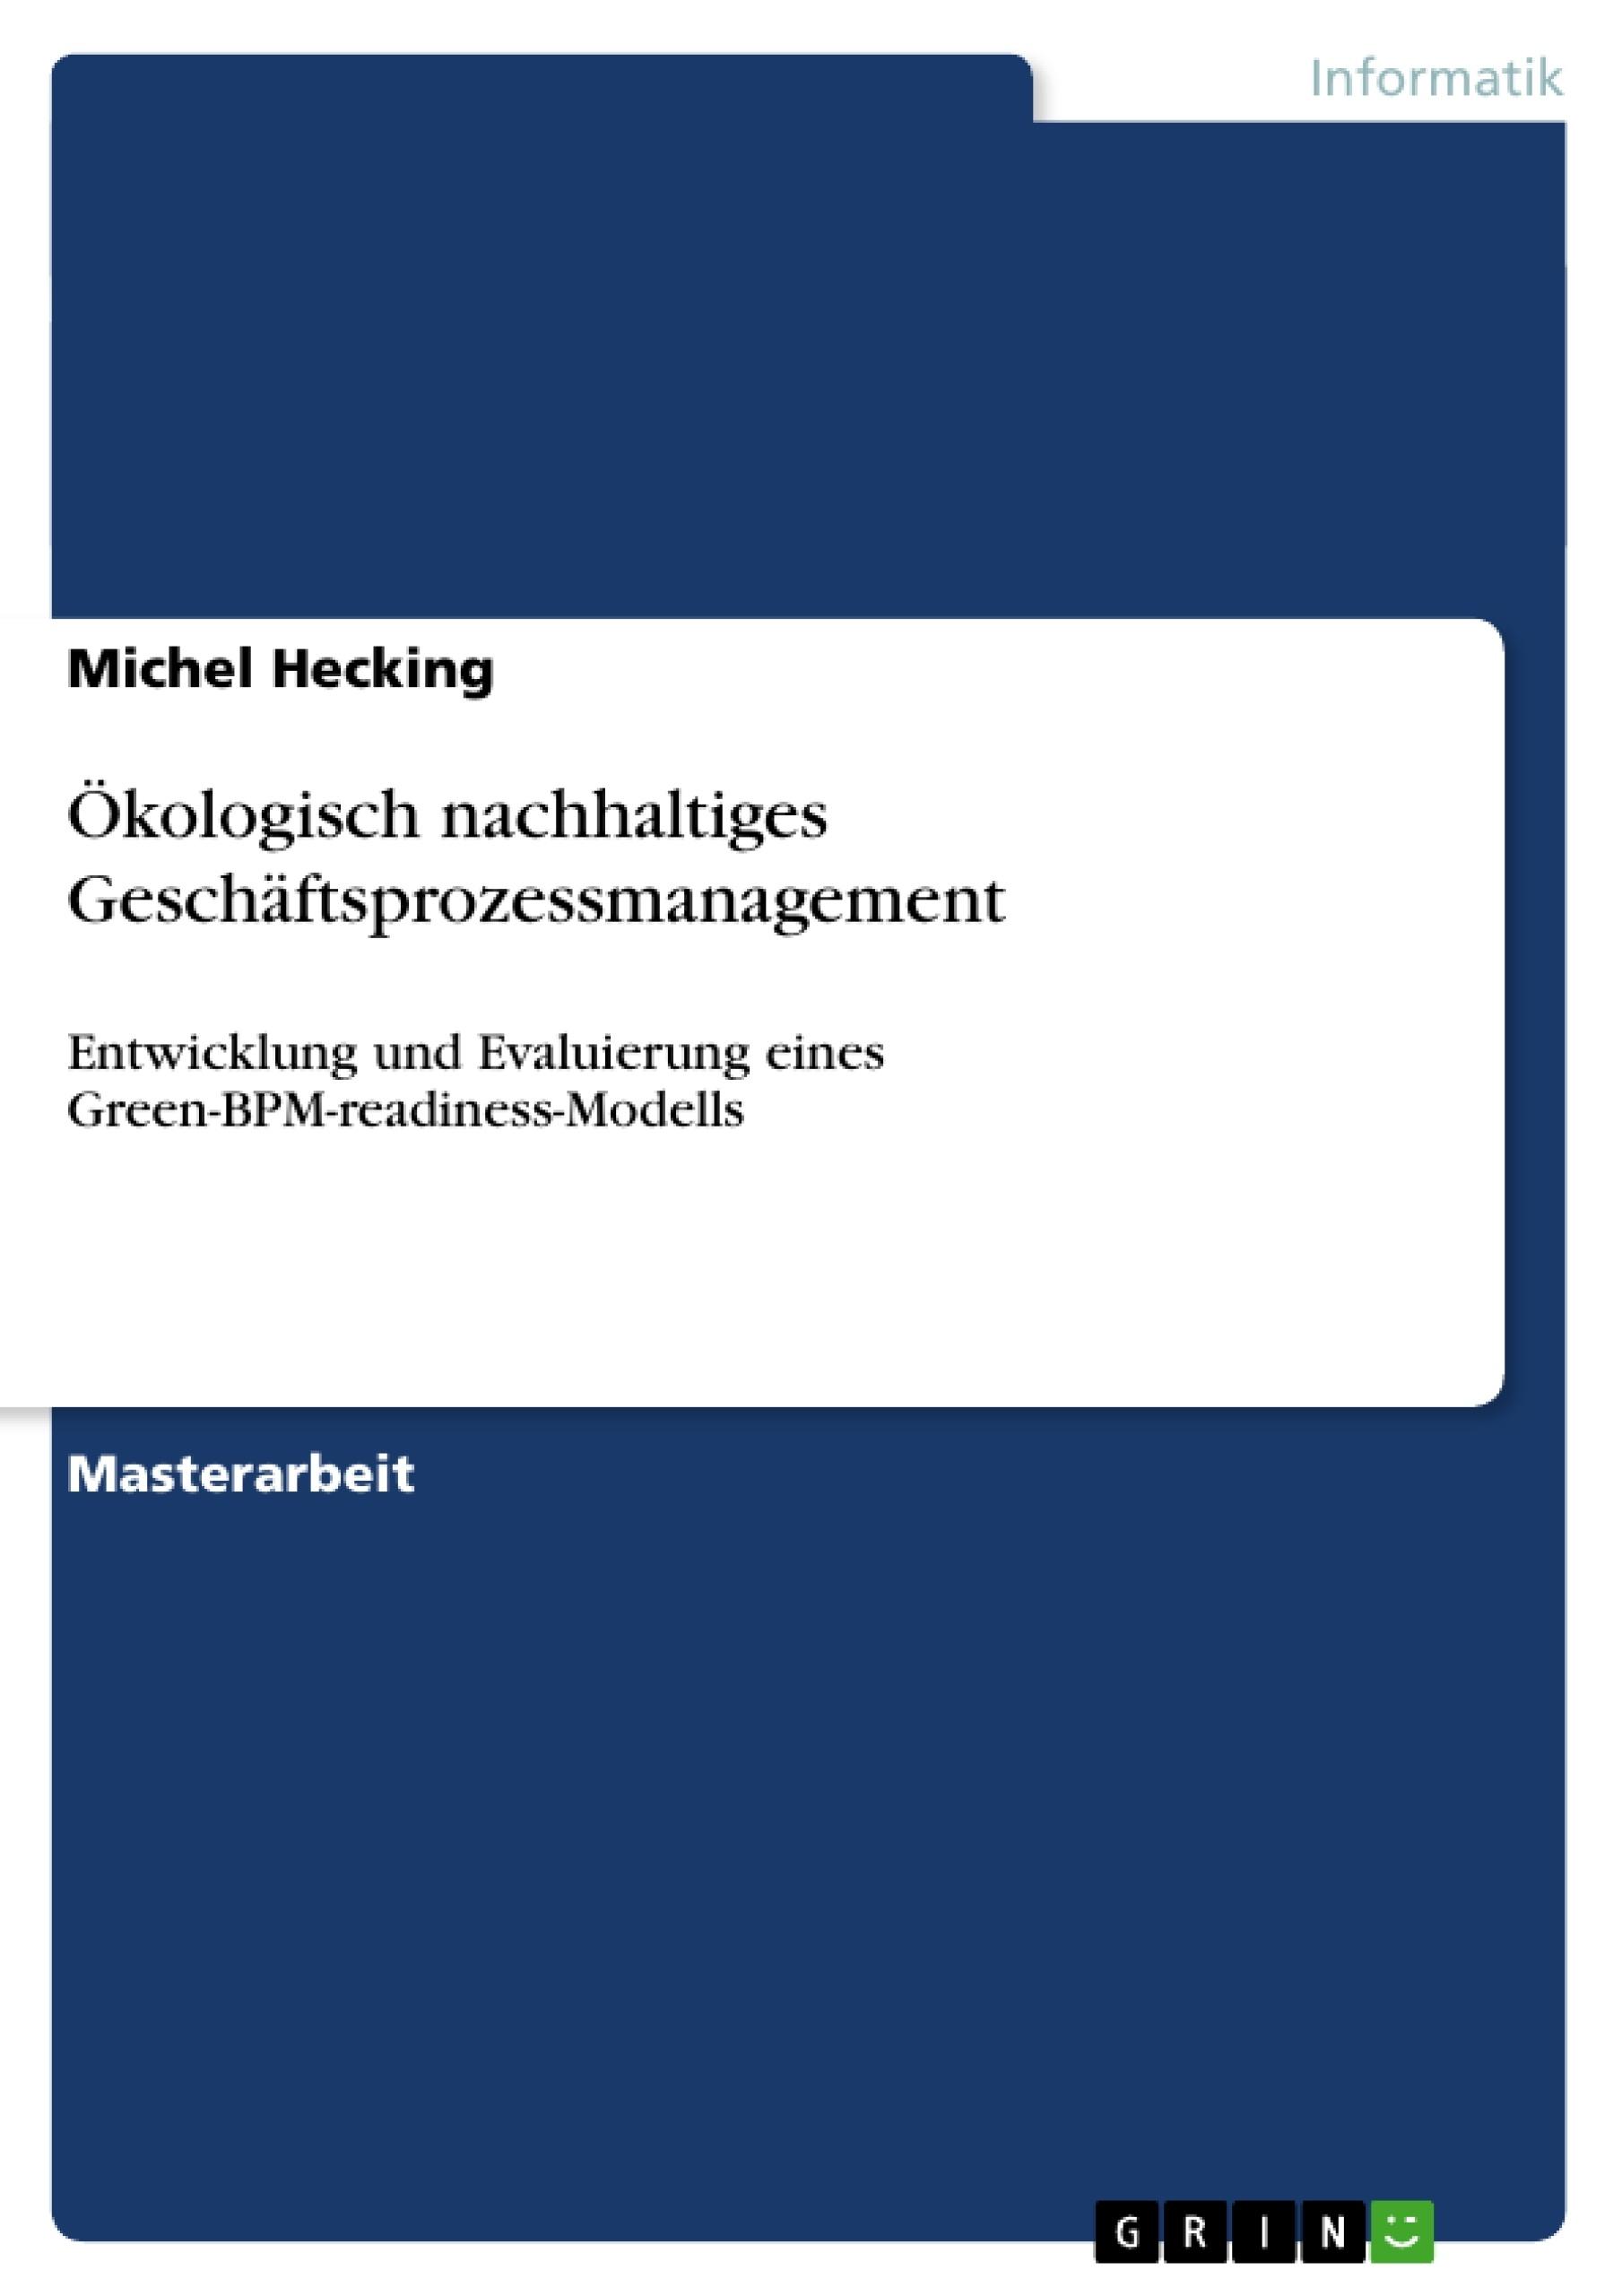 Titel: Ökologisch nachhaltiges Geschäftsprozessmanagement